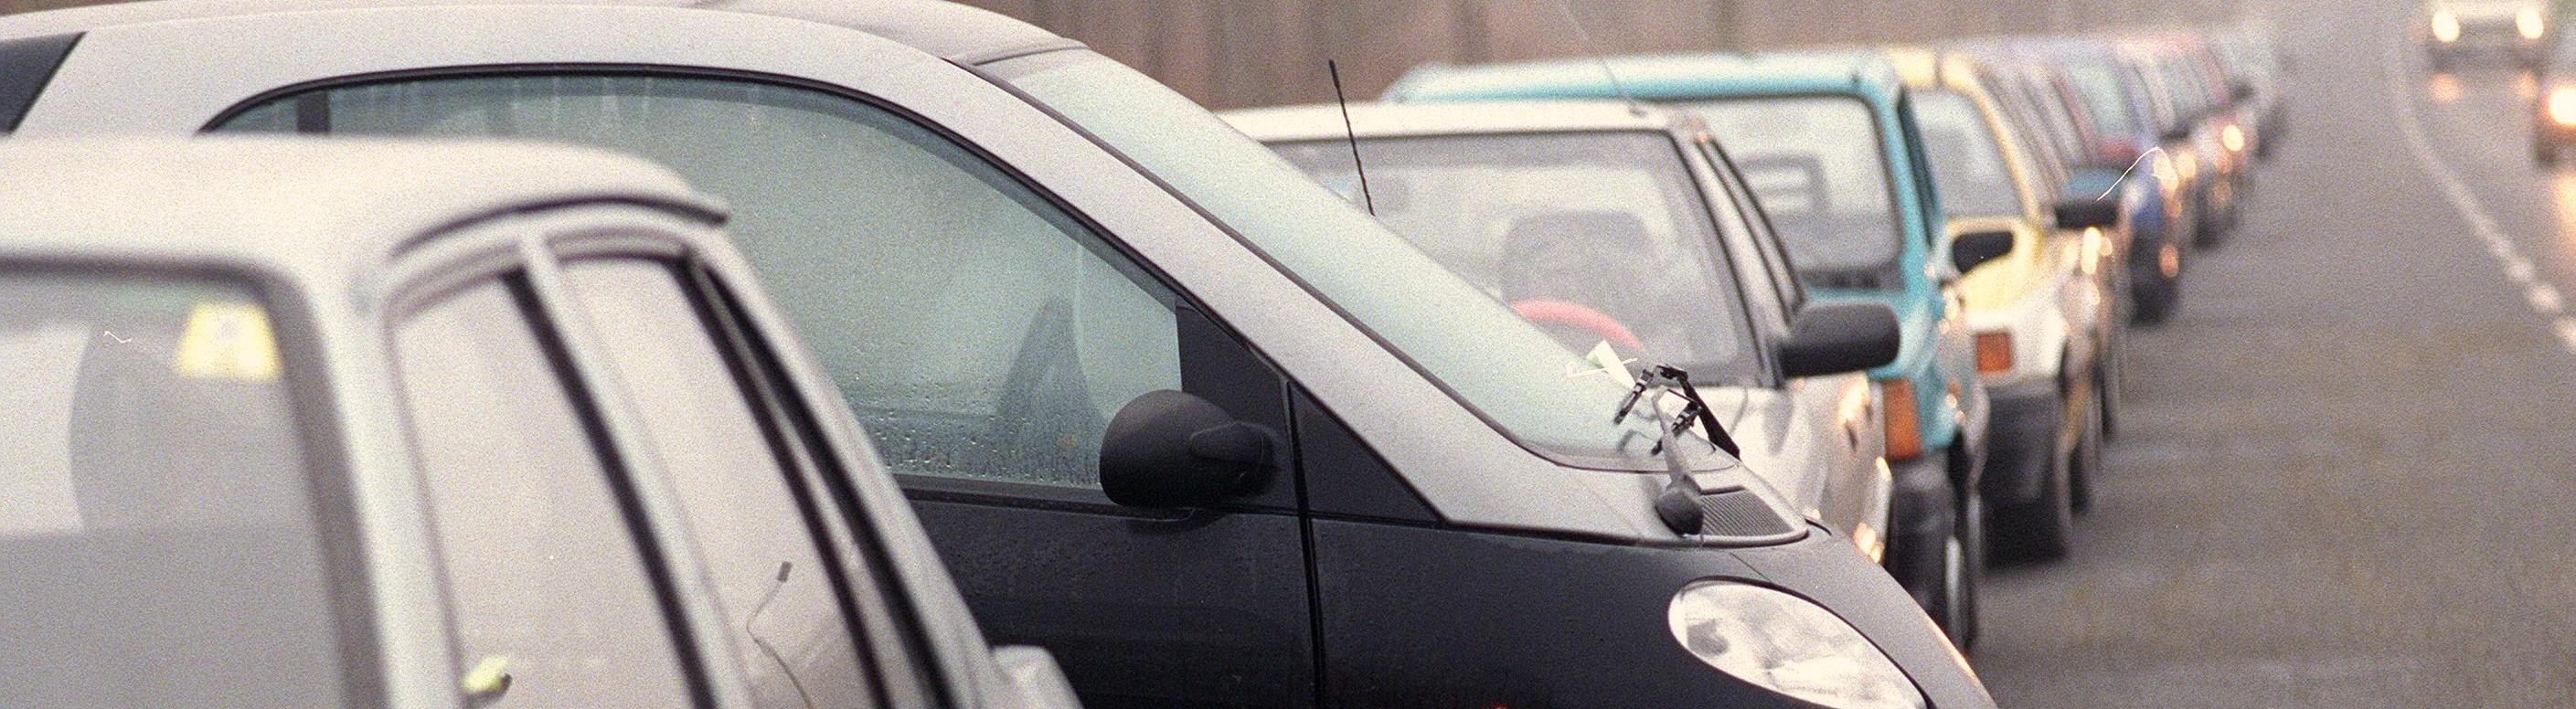 Autos in einer langen Reihe geparkt